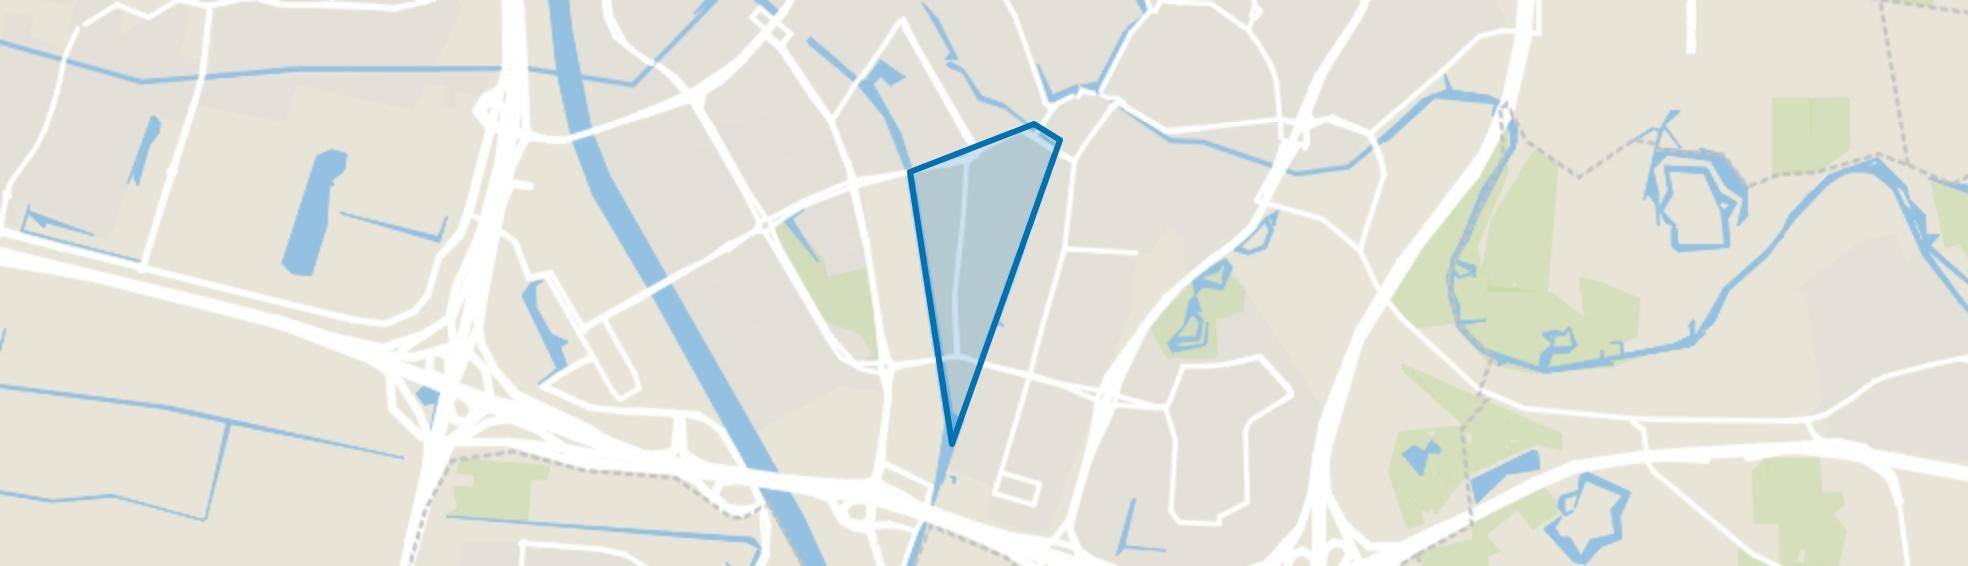 Rivierenwijk, Utrecht map